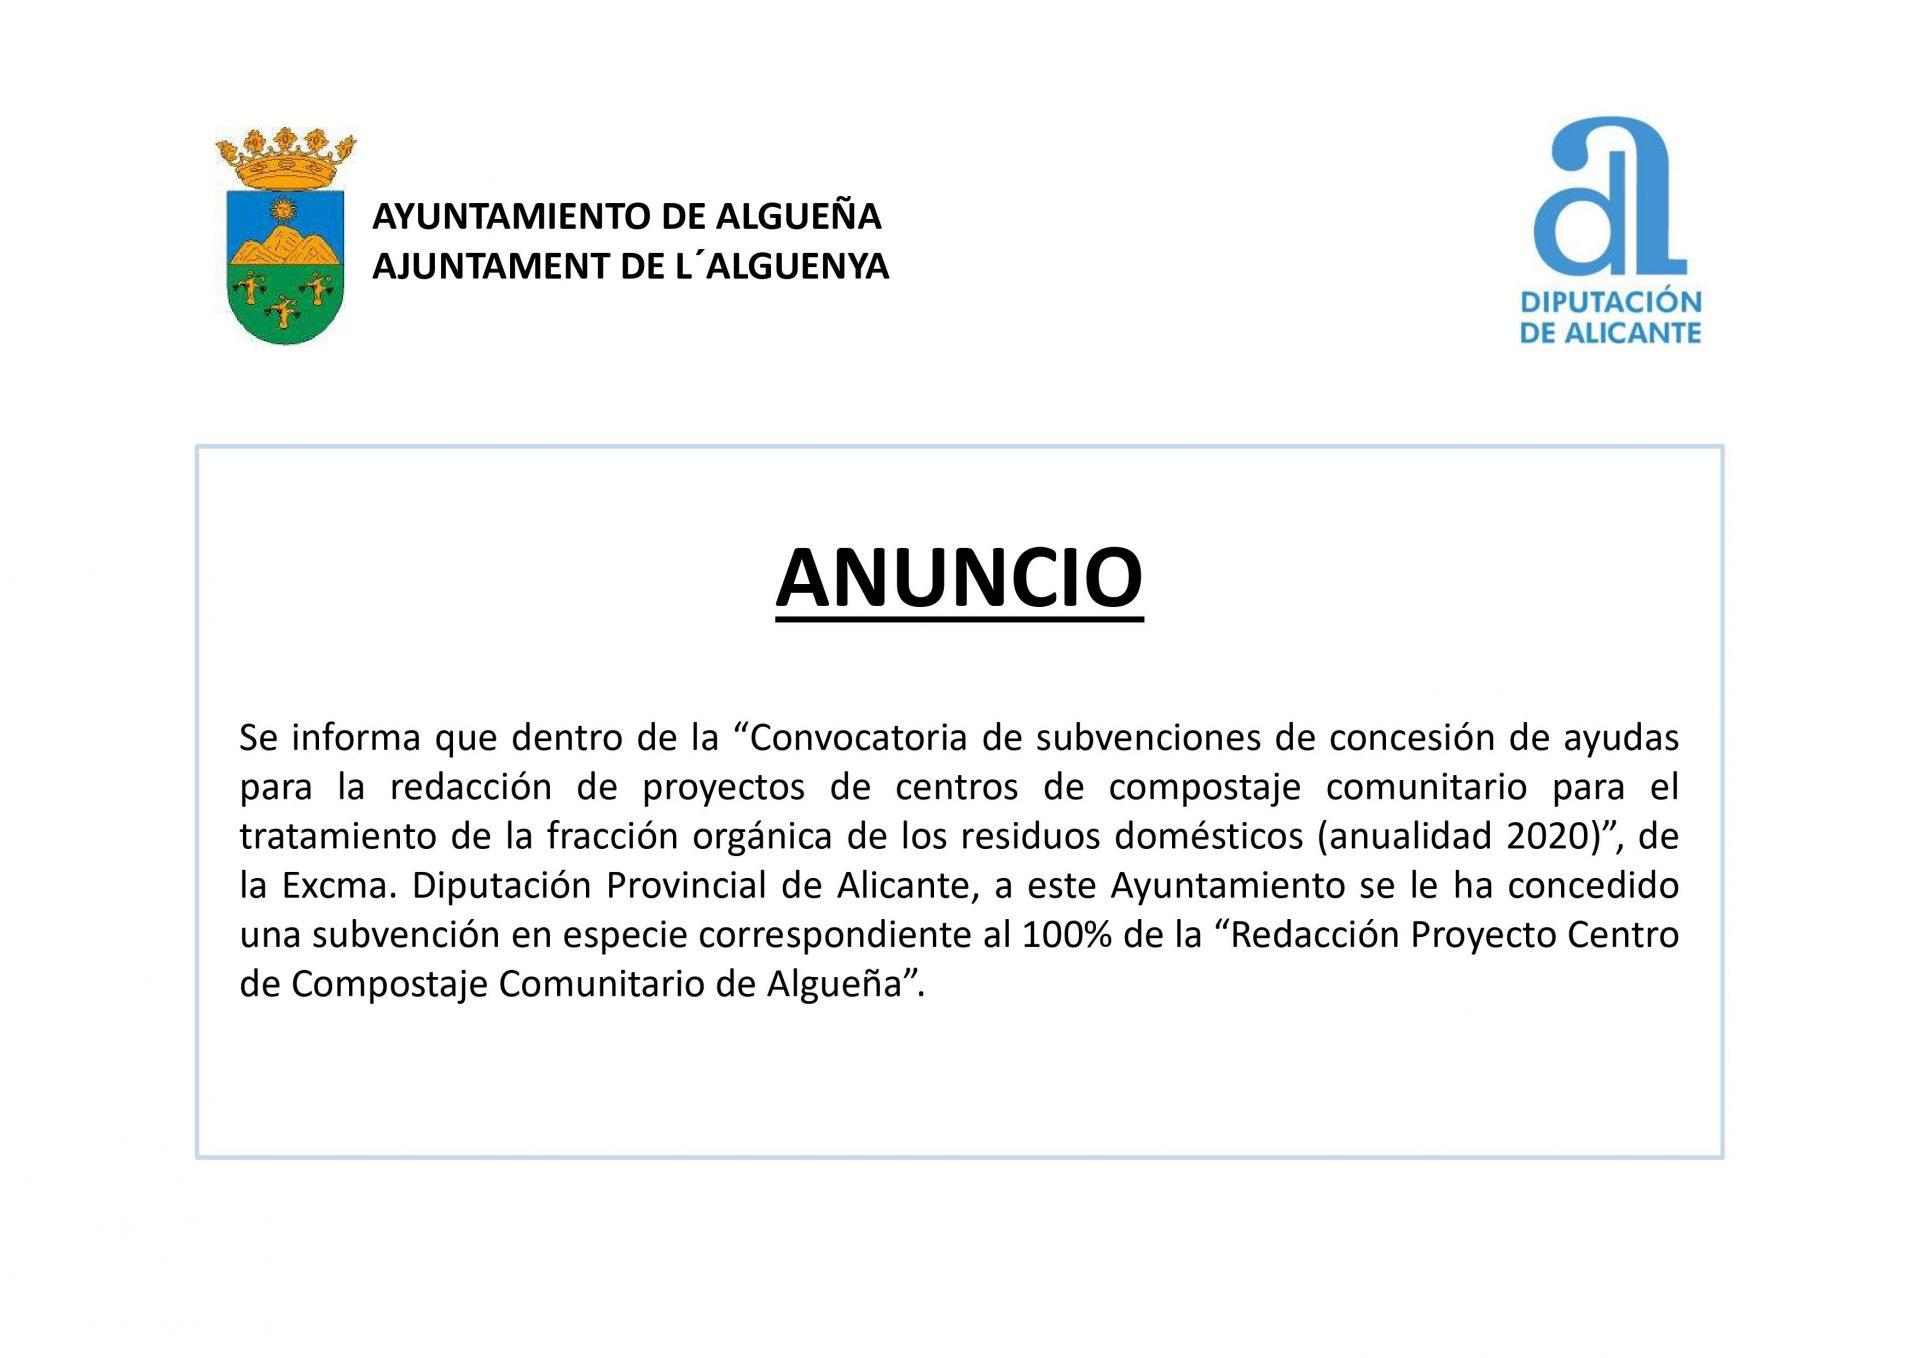 """ANUNCIO - Subvención """"Redacción Proyecto Centro de Compostaje Comunitario de Algueña"""""""